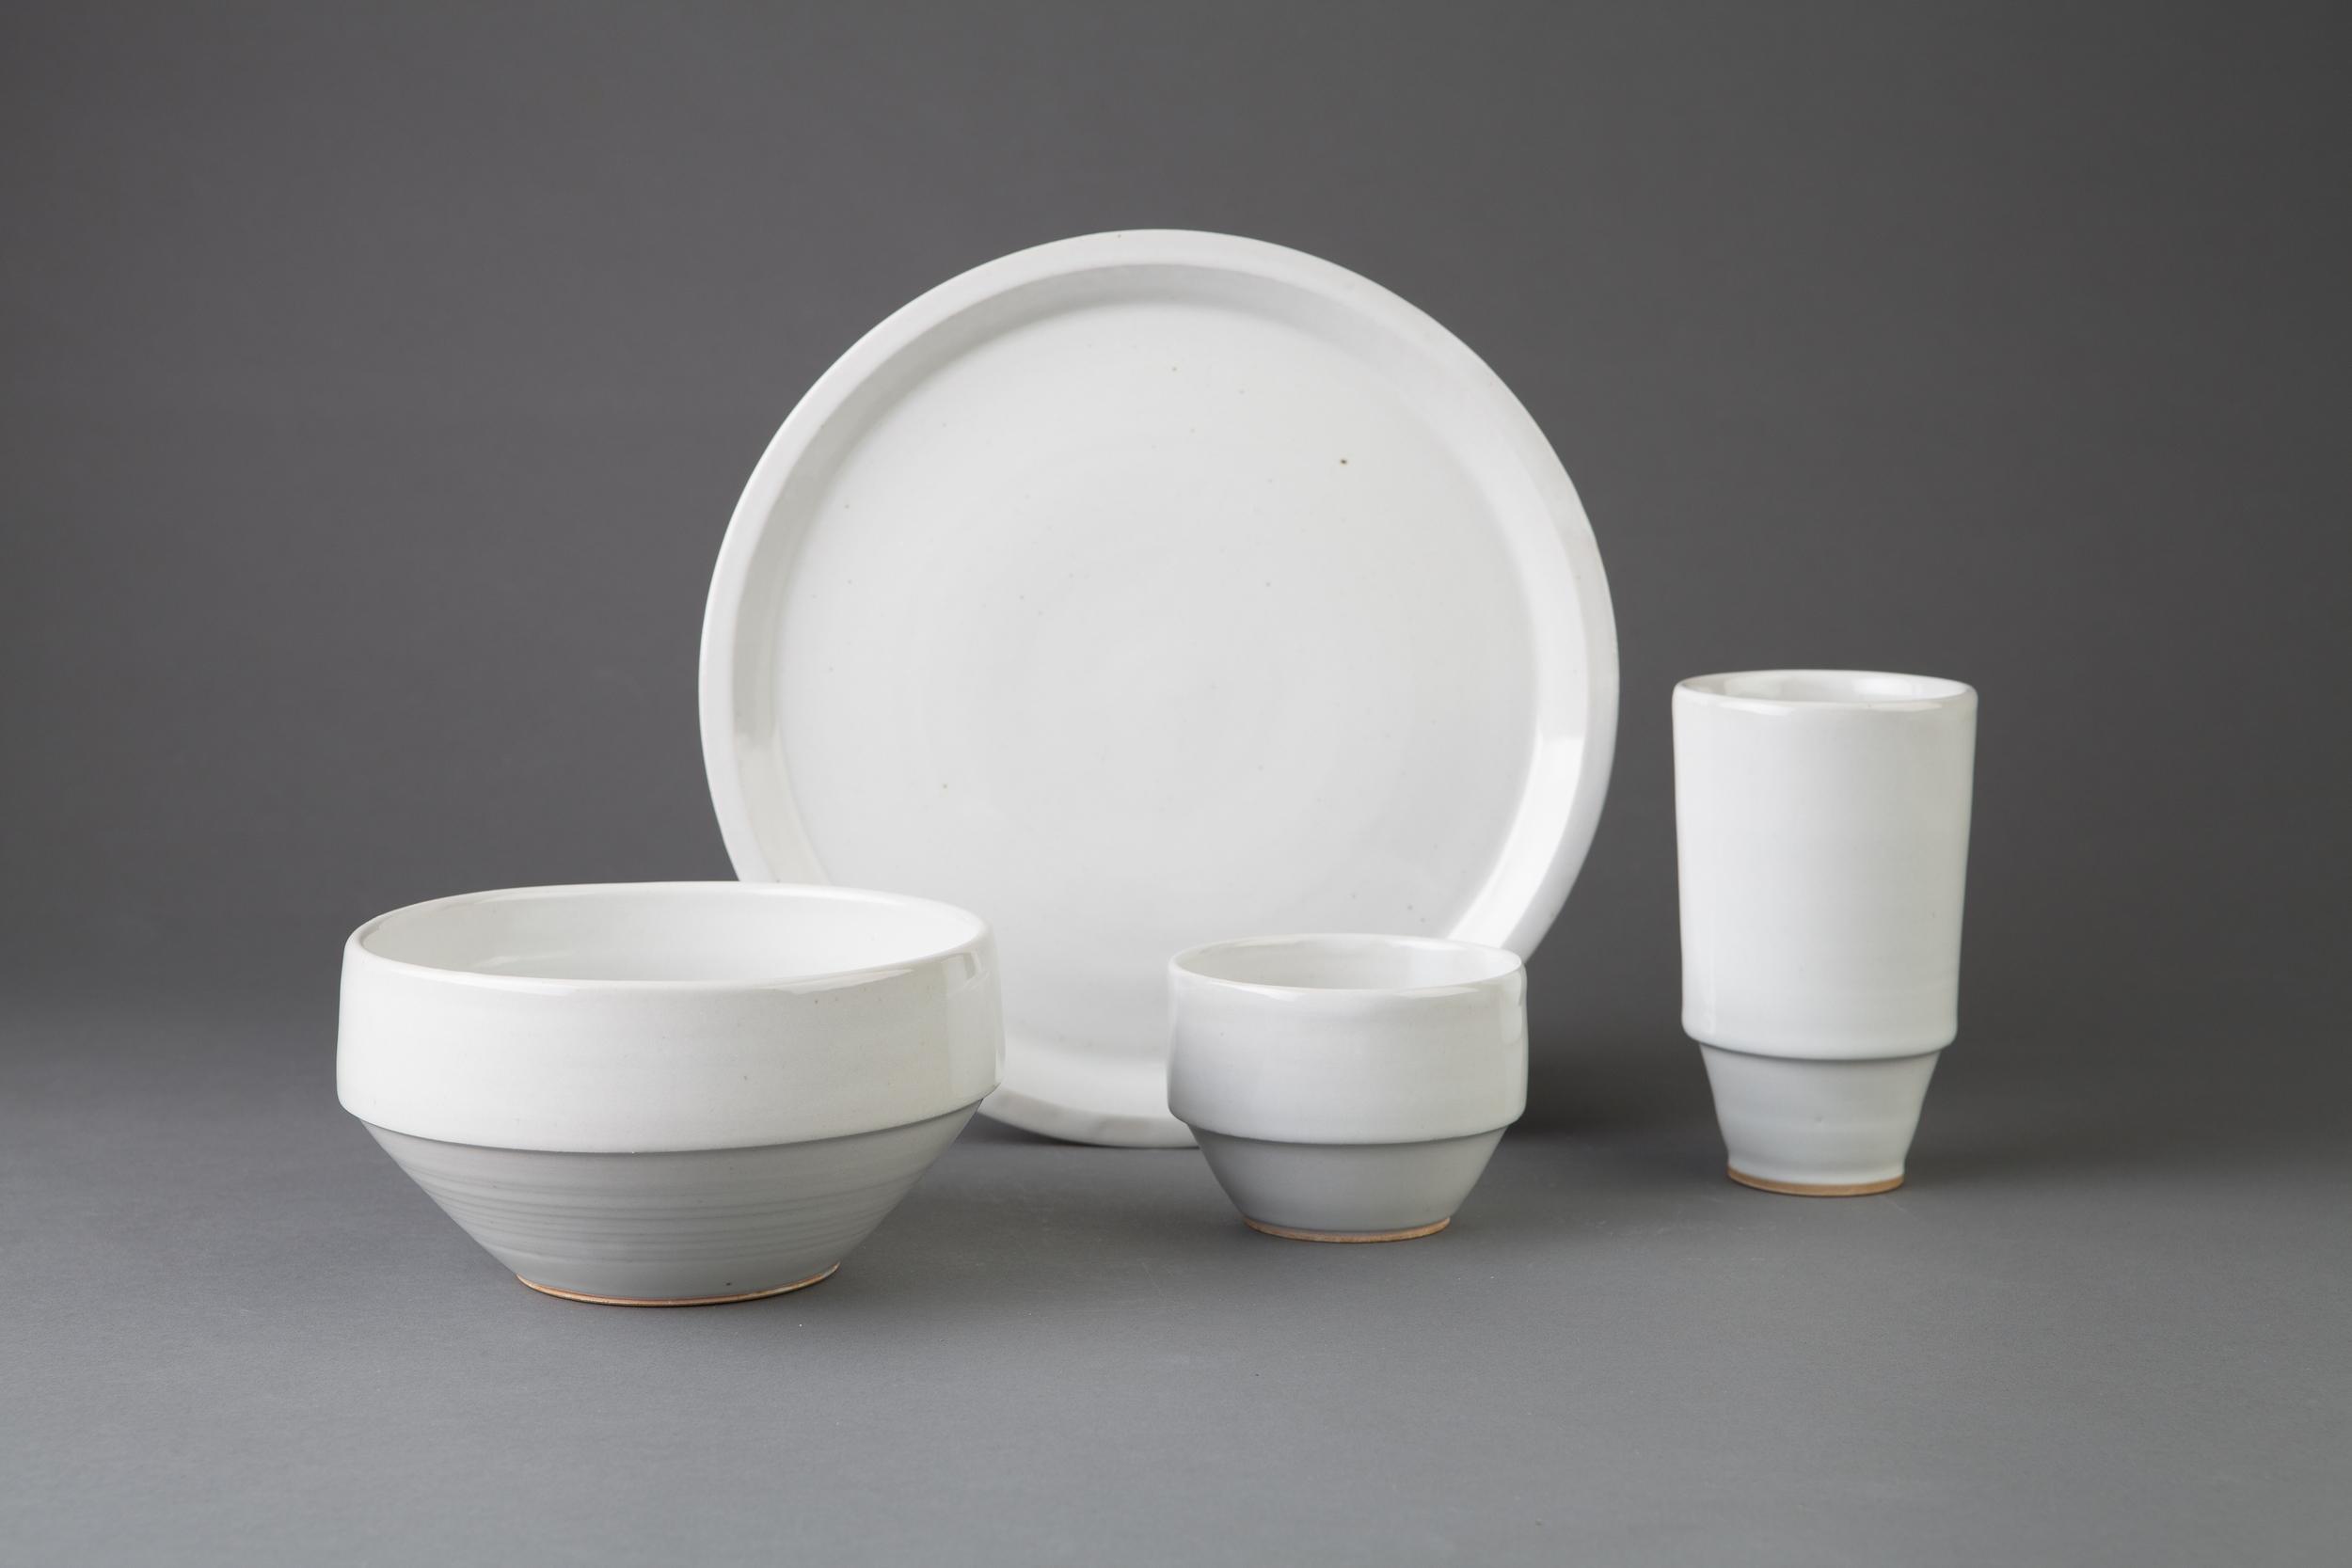 Emma Melville, Chene Clay Company